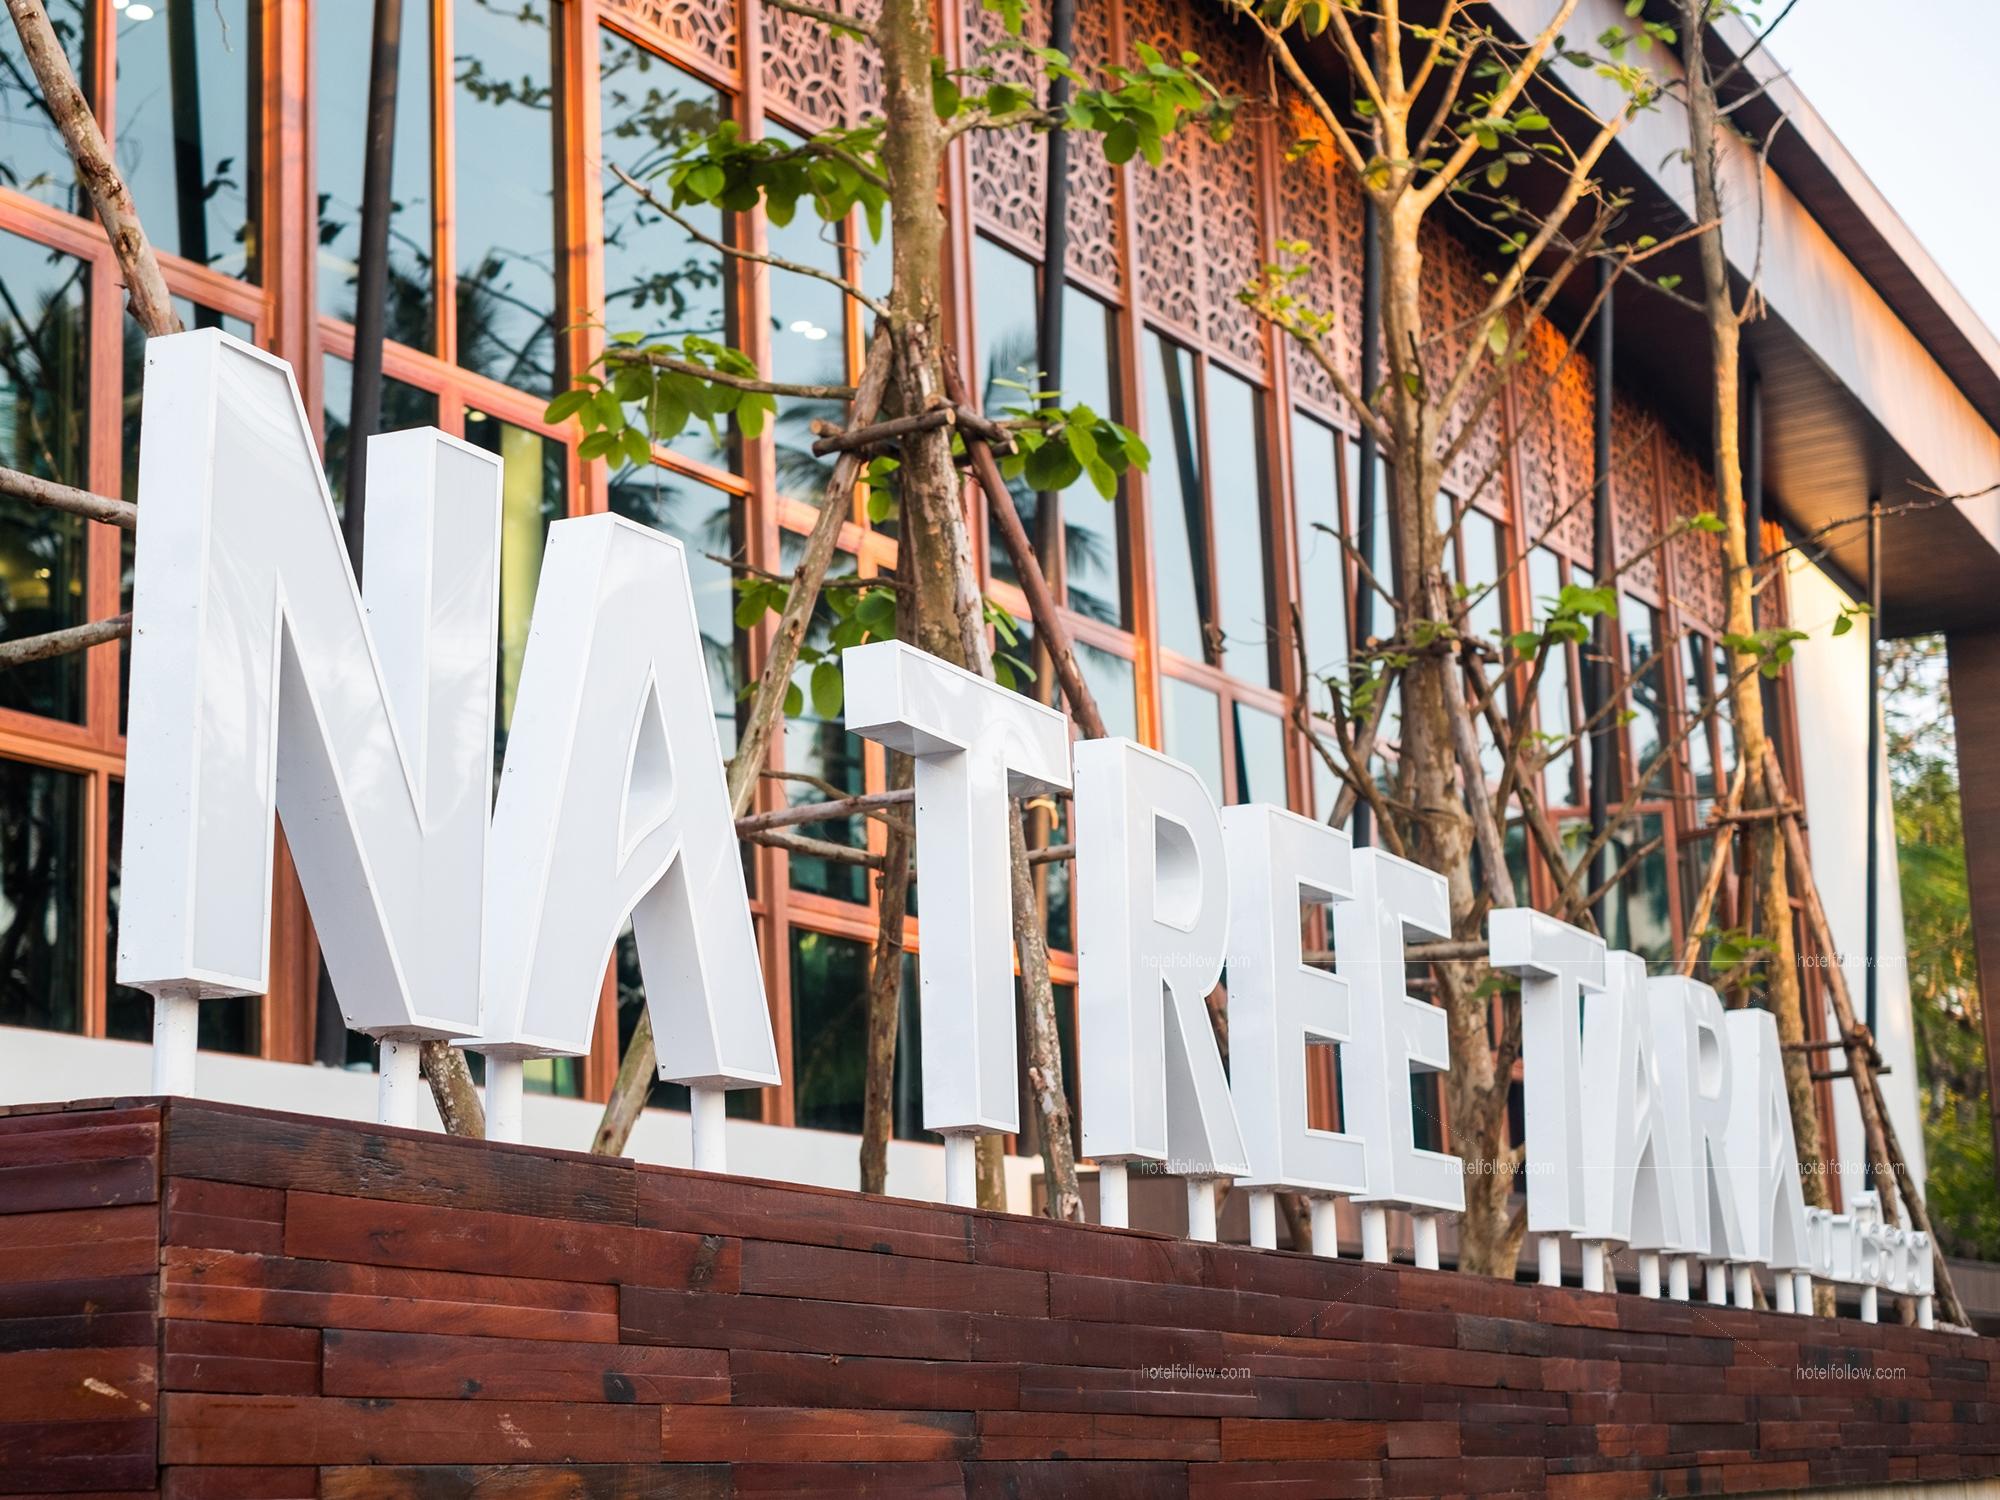 รูปของโรงแรม โรงแรม ณ ทรี ธารา ริเวอร์ไซด์ รีสอร์ท บางคนที ( ใกล้ตลาดน้ำอัมพวา ตลาดน้ำดำเนินสะดวก)